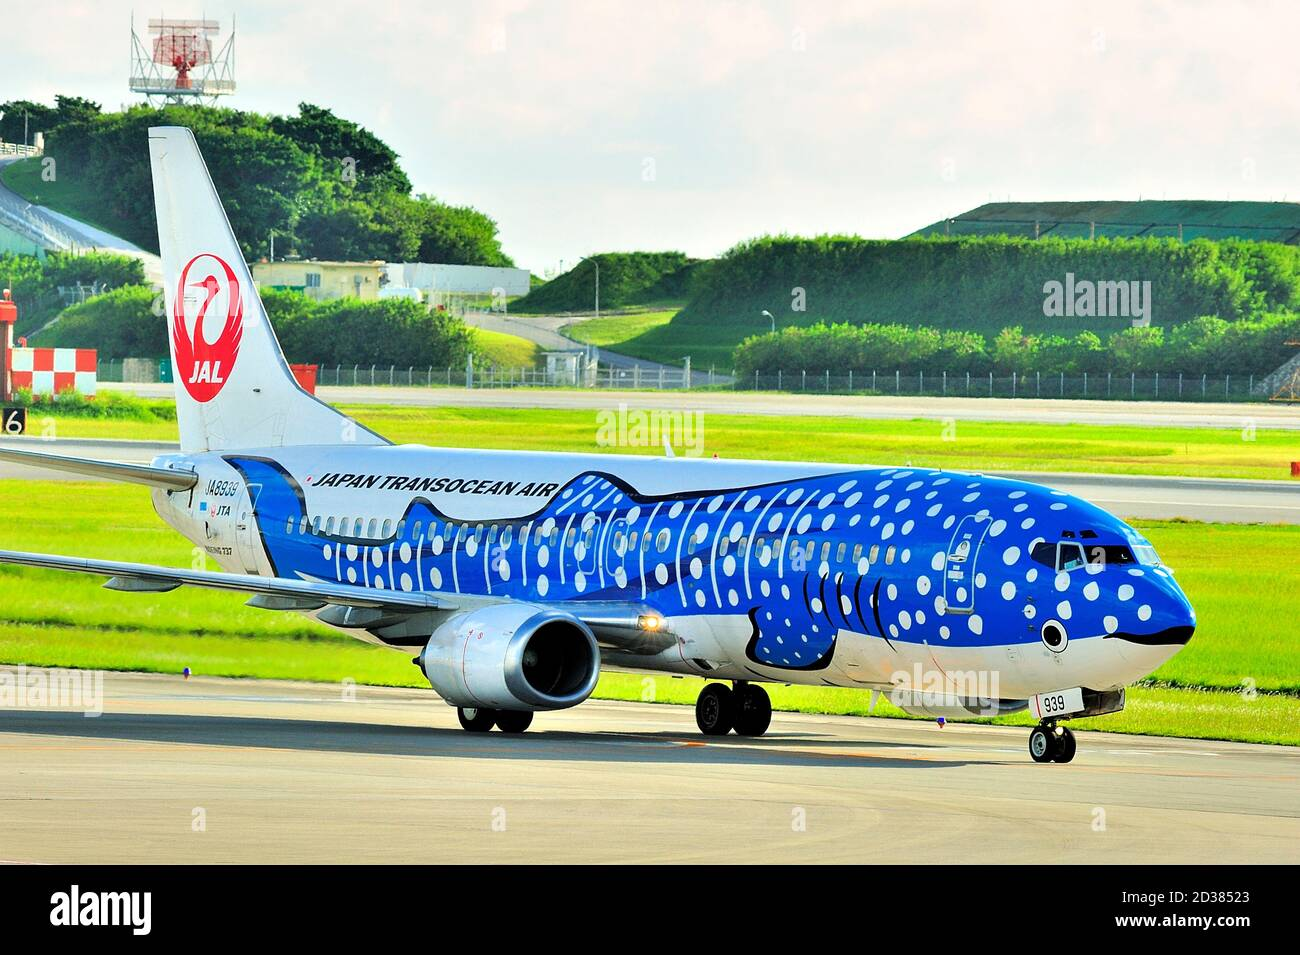 Japan Transocean Air, JTA, Boeing B-737/400, JA8939, Blue Whaleshark, taxi After Landing, aéroport de Naha, Naha, Okinawa, îles Ryukyu, Japon Banque D'Images